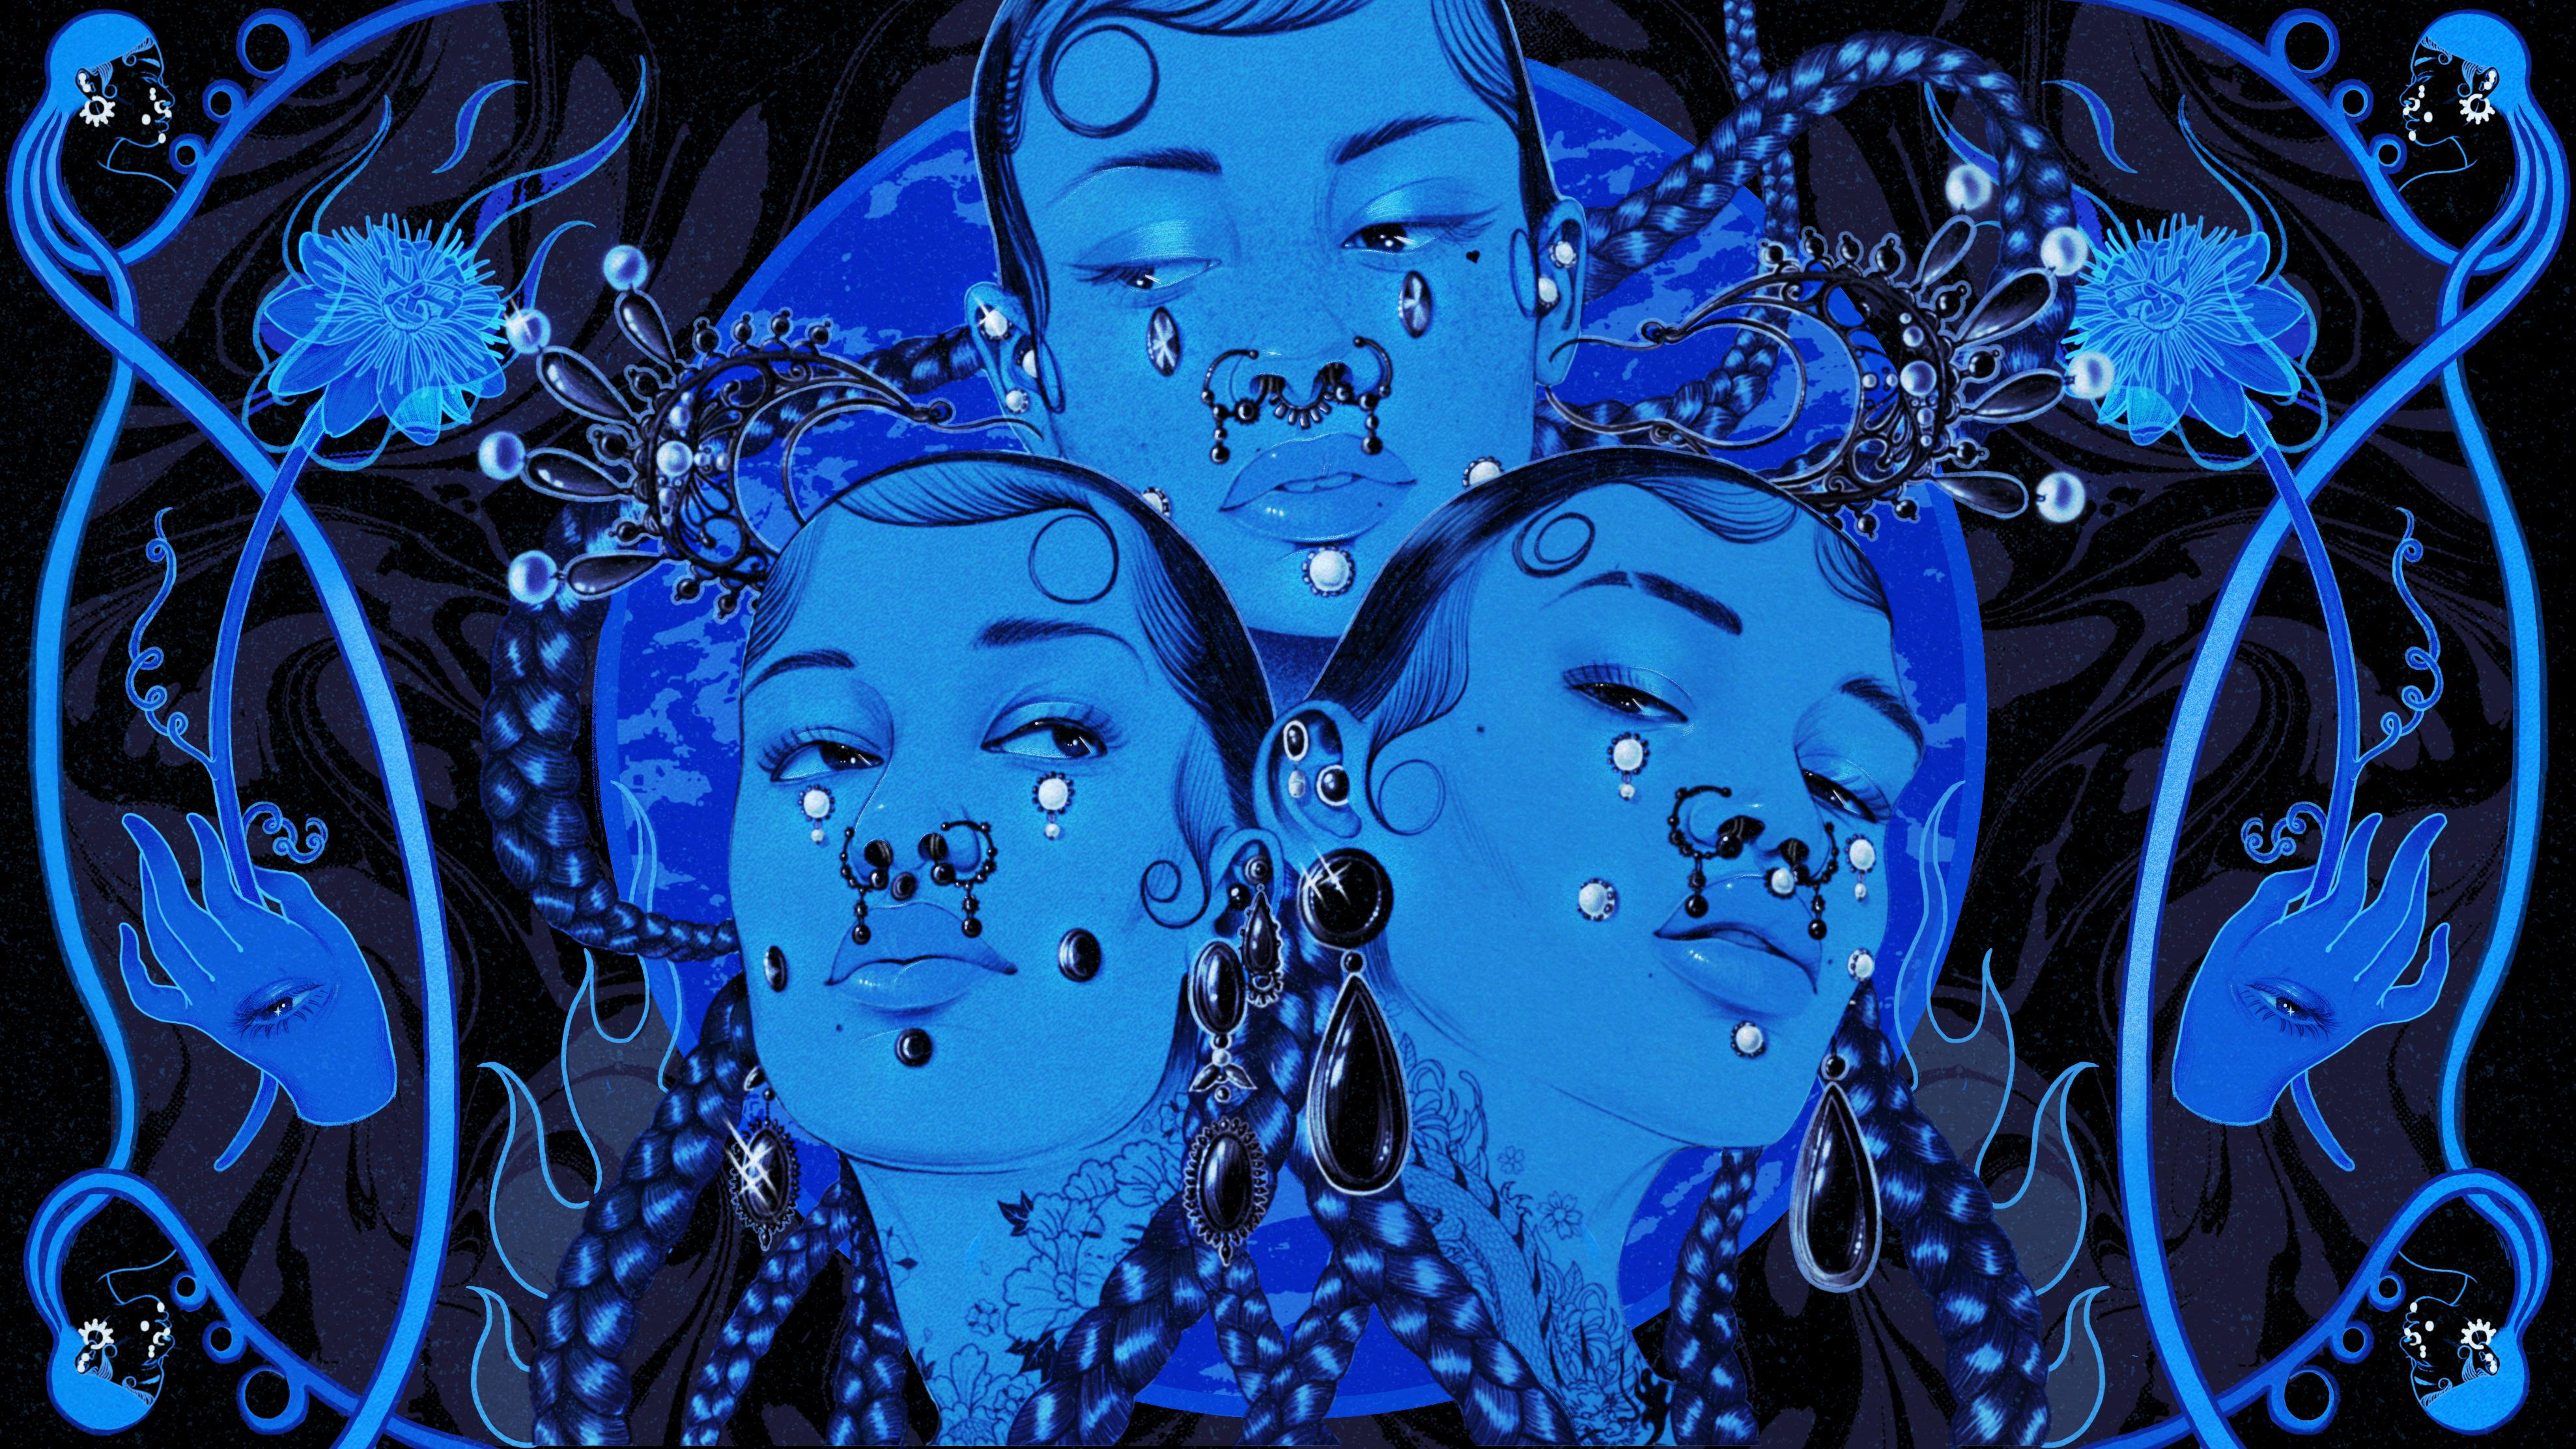 Illustration by Monet Alyssa